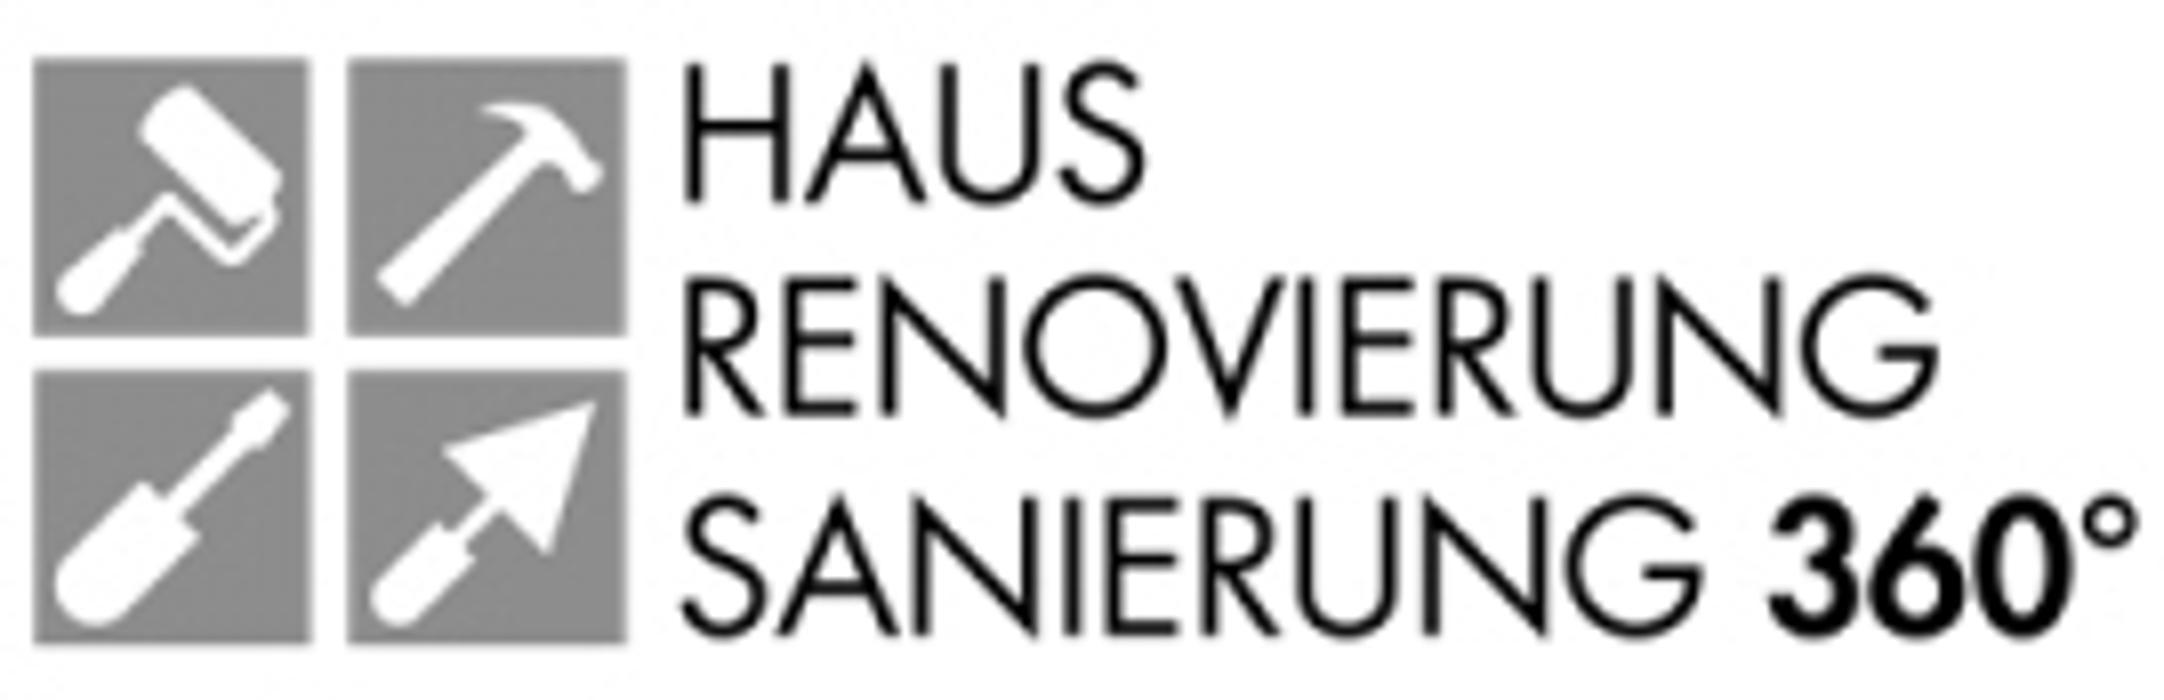 Bild zu Haus Renovierung Sanierung 360° GmbH in Bruchsal